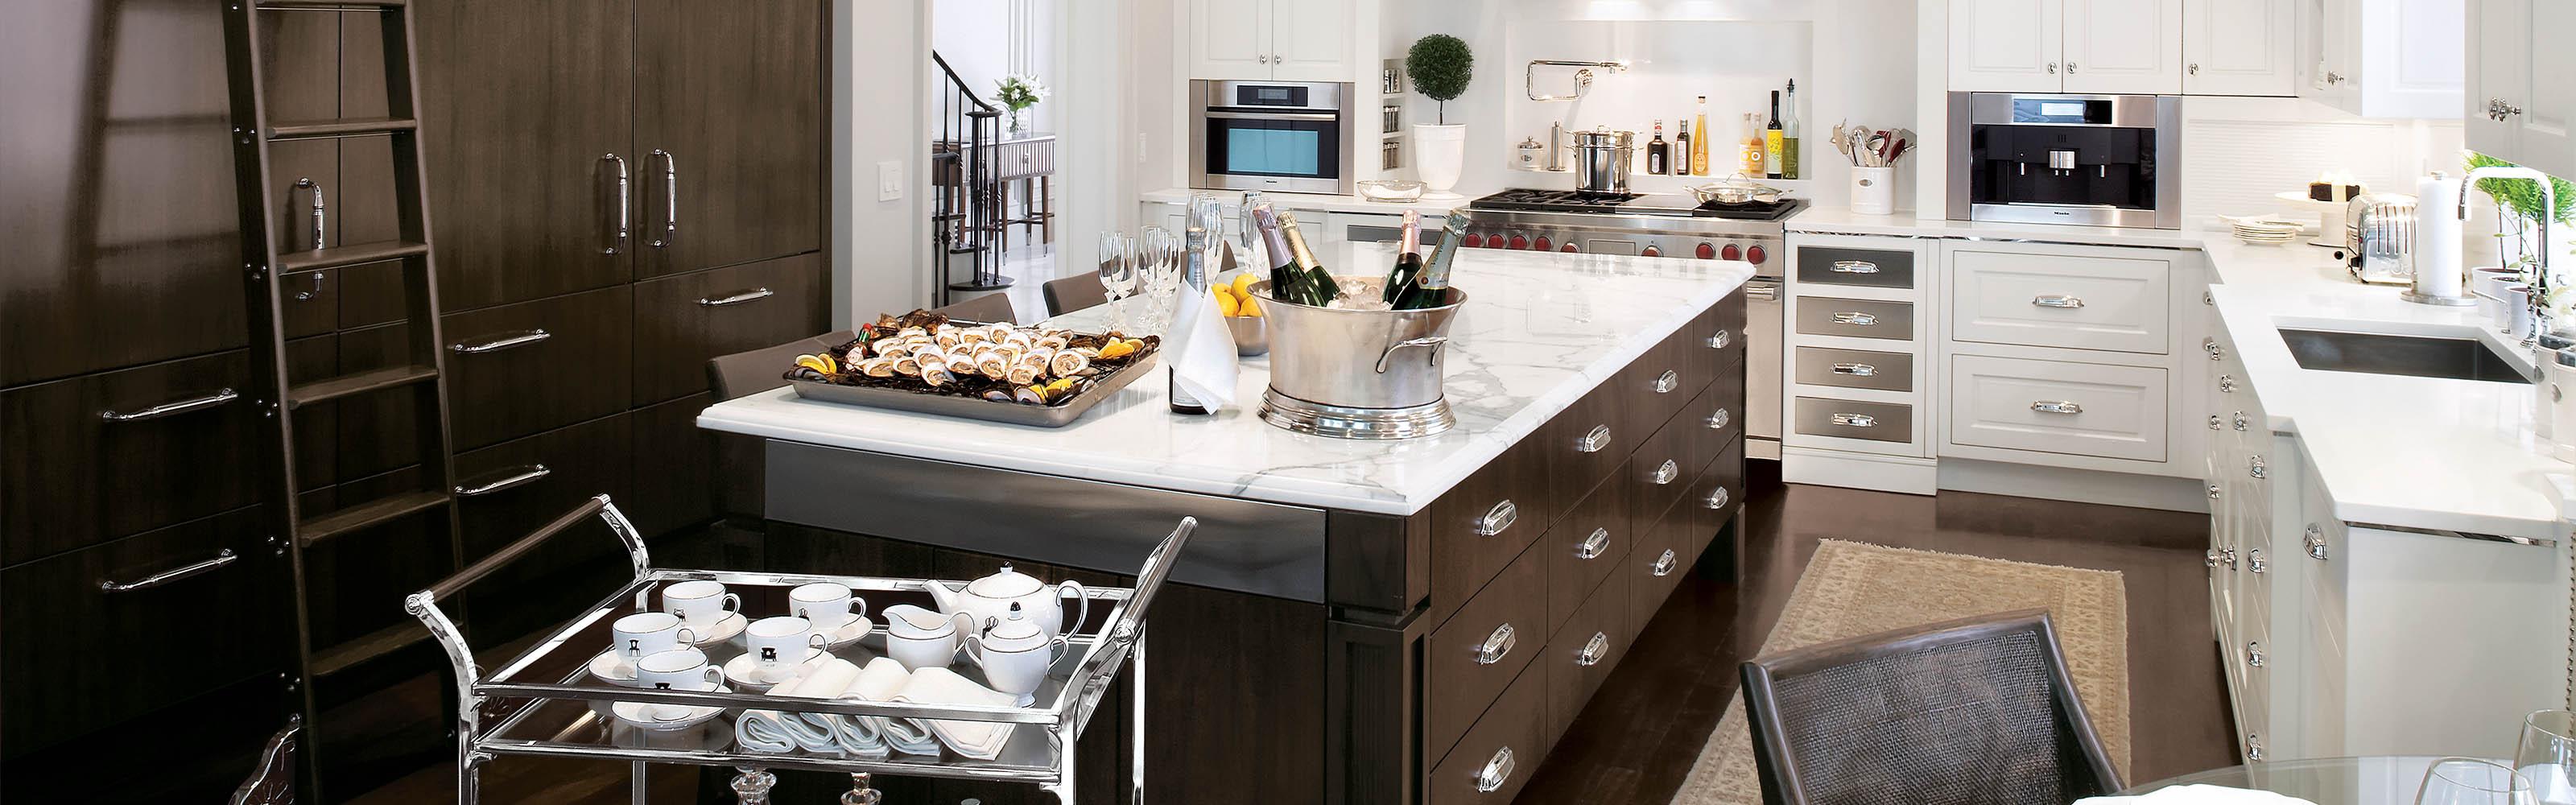 Merveilleux Downsview Kitchens